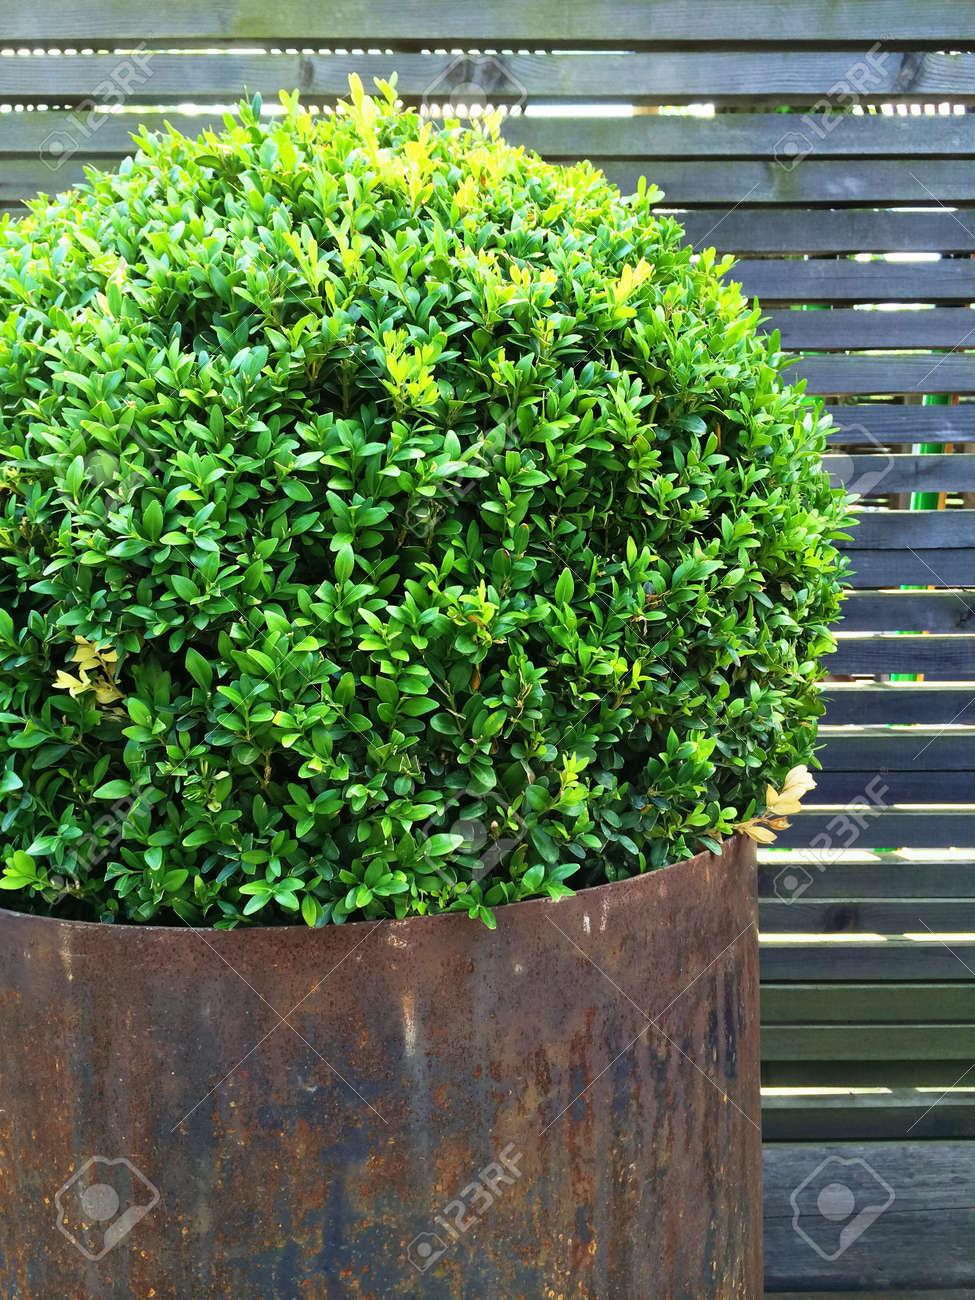 Arbre de myrtille taillée dans un pot de fer rouillé. Décoration de jardin  de style vintage.